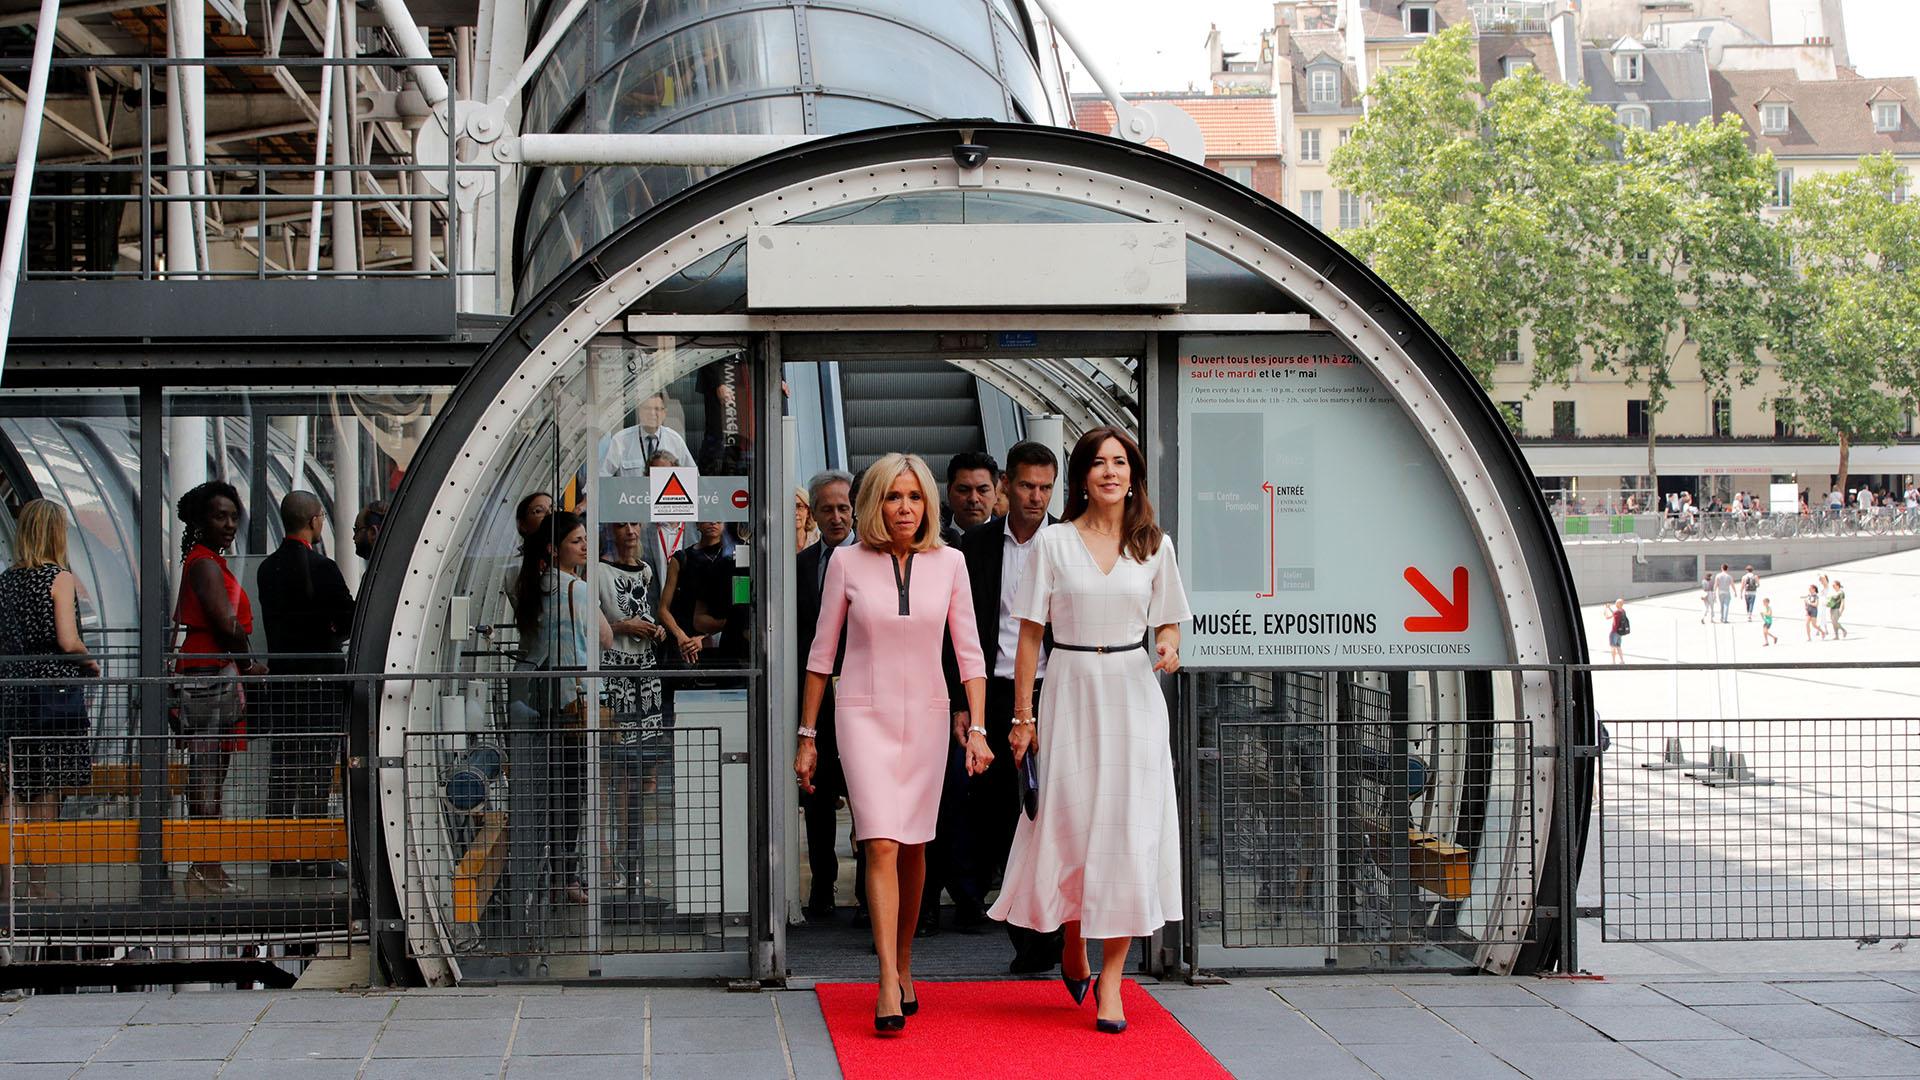 La mujer del presidente de Francia, Brigitte Macron, junto a la princesa Mary de Dinamarca -esposa del príncipe heredero Federico de Dinamarca- en una visita al museo de arte moderno Georges Pompidou, en París